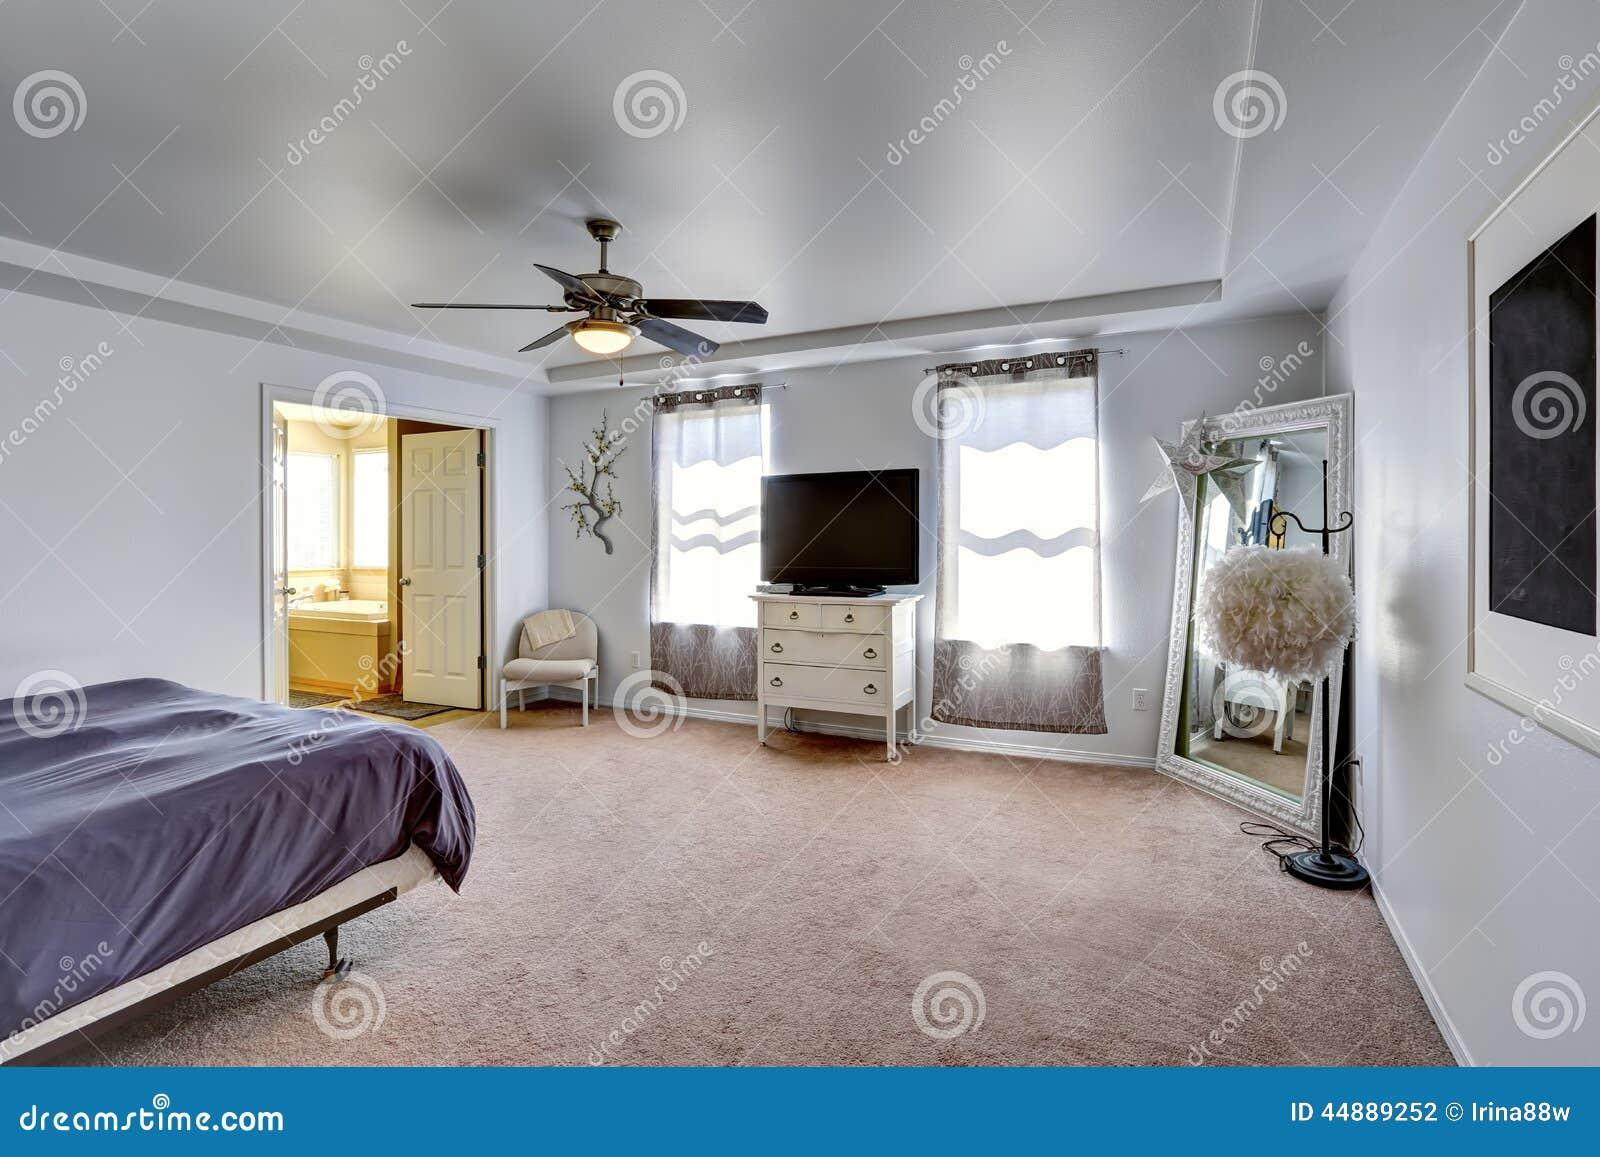 Letto da mensole camera ispirazioni - Mensole camera da letto ...